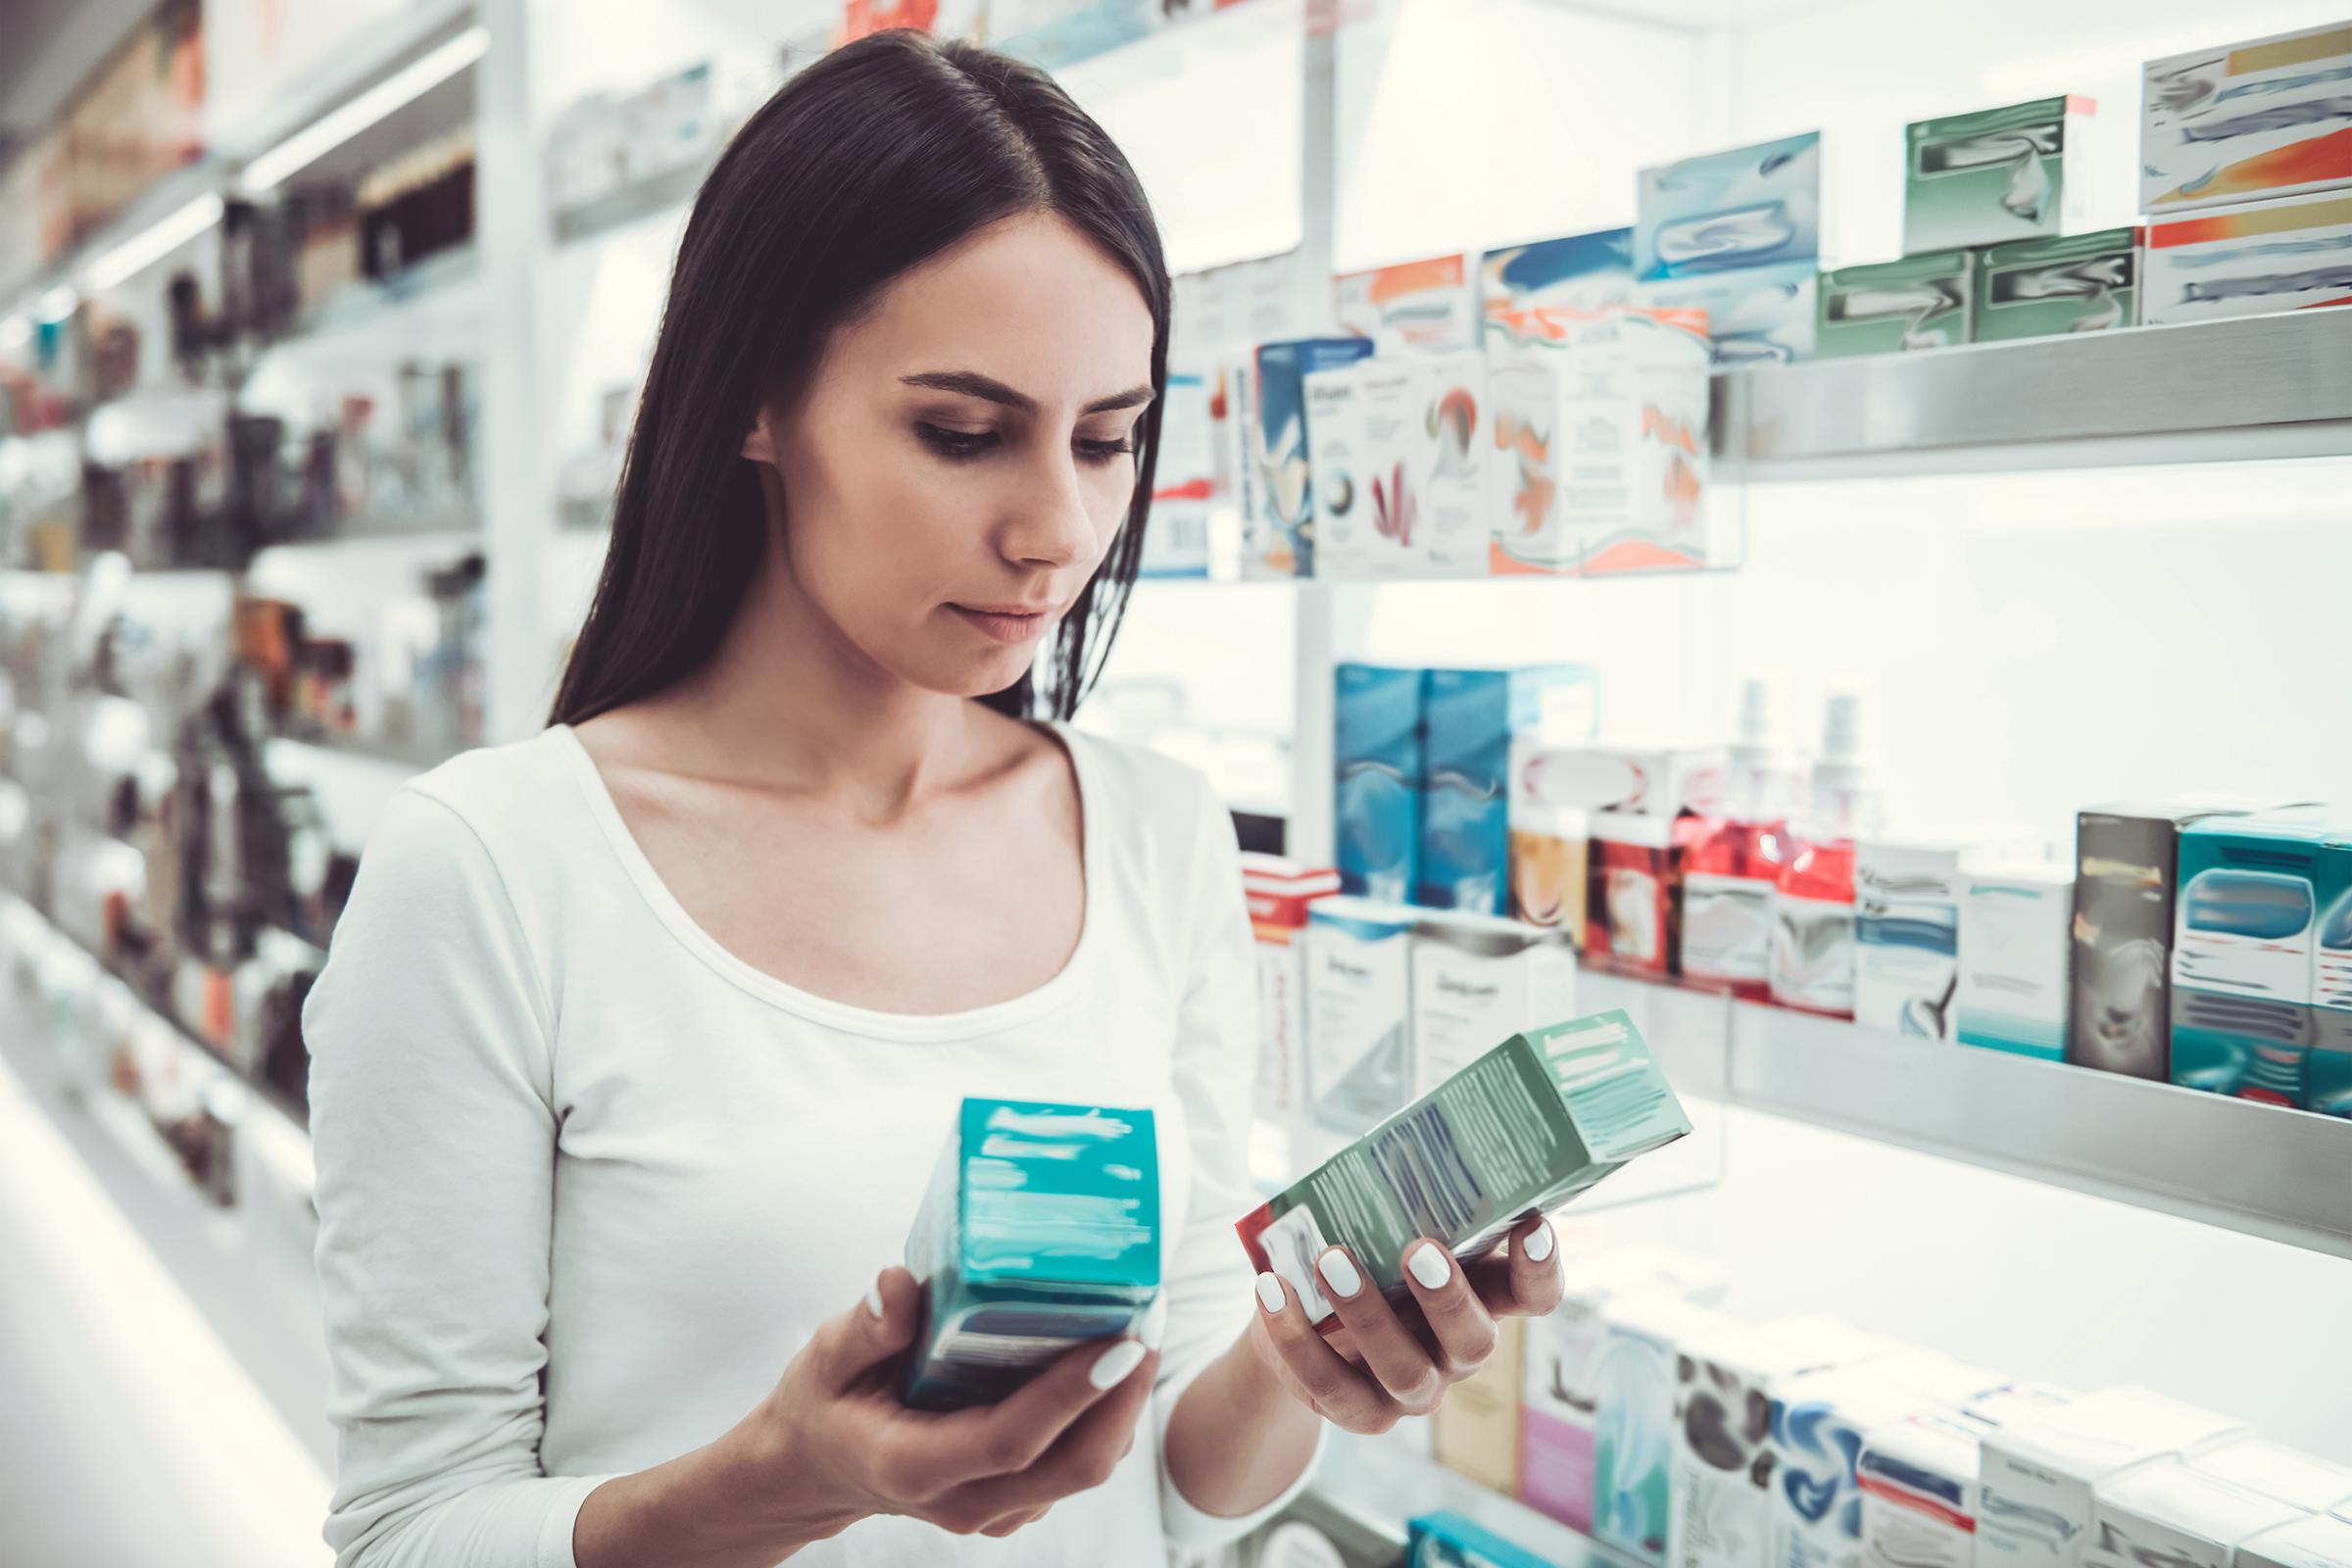 Meddig használható fel a lejárt gyógyszer